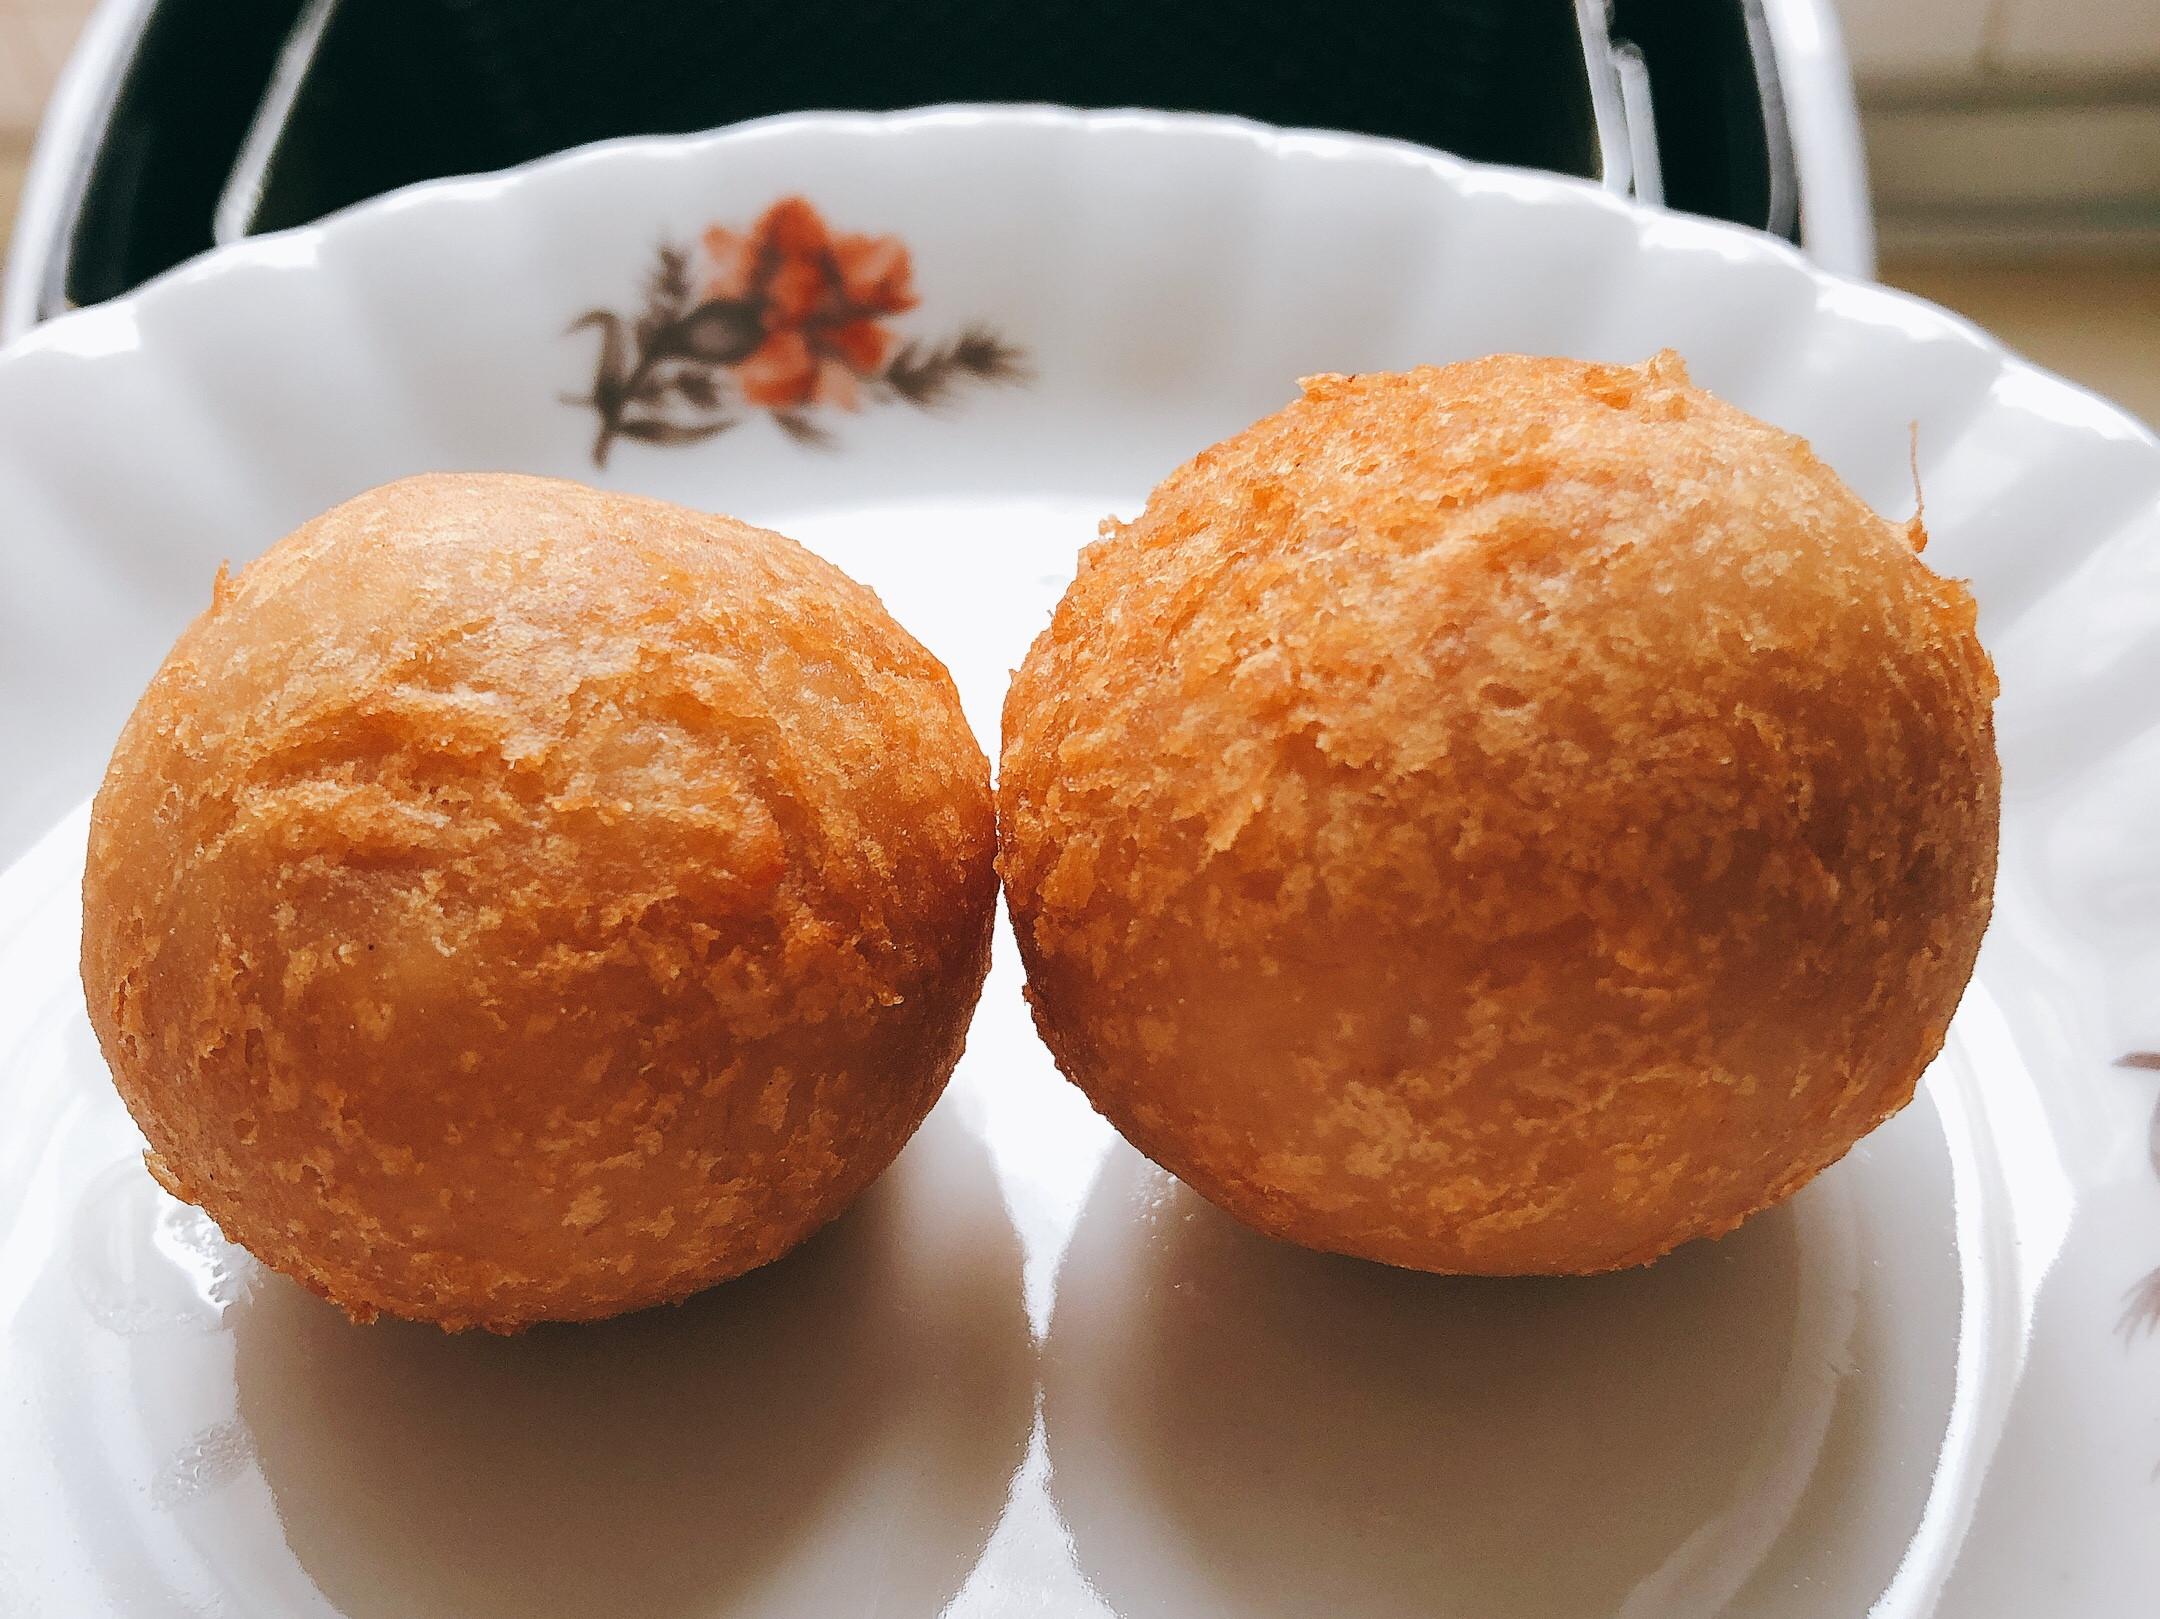 芋頭丸(芋棗)